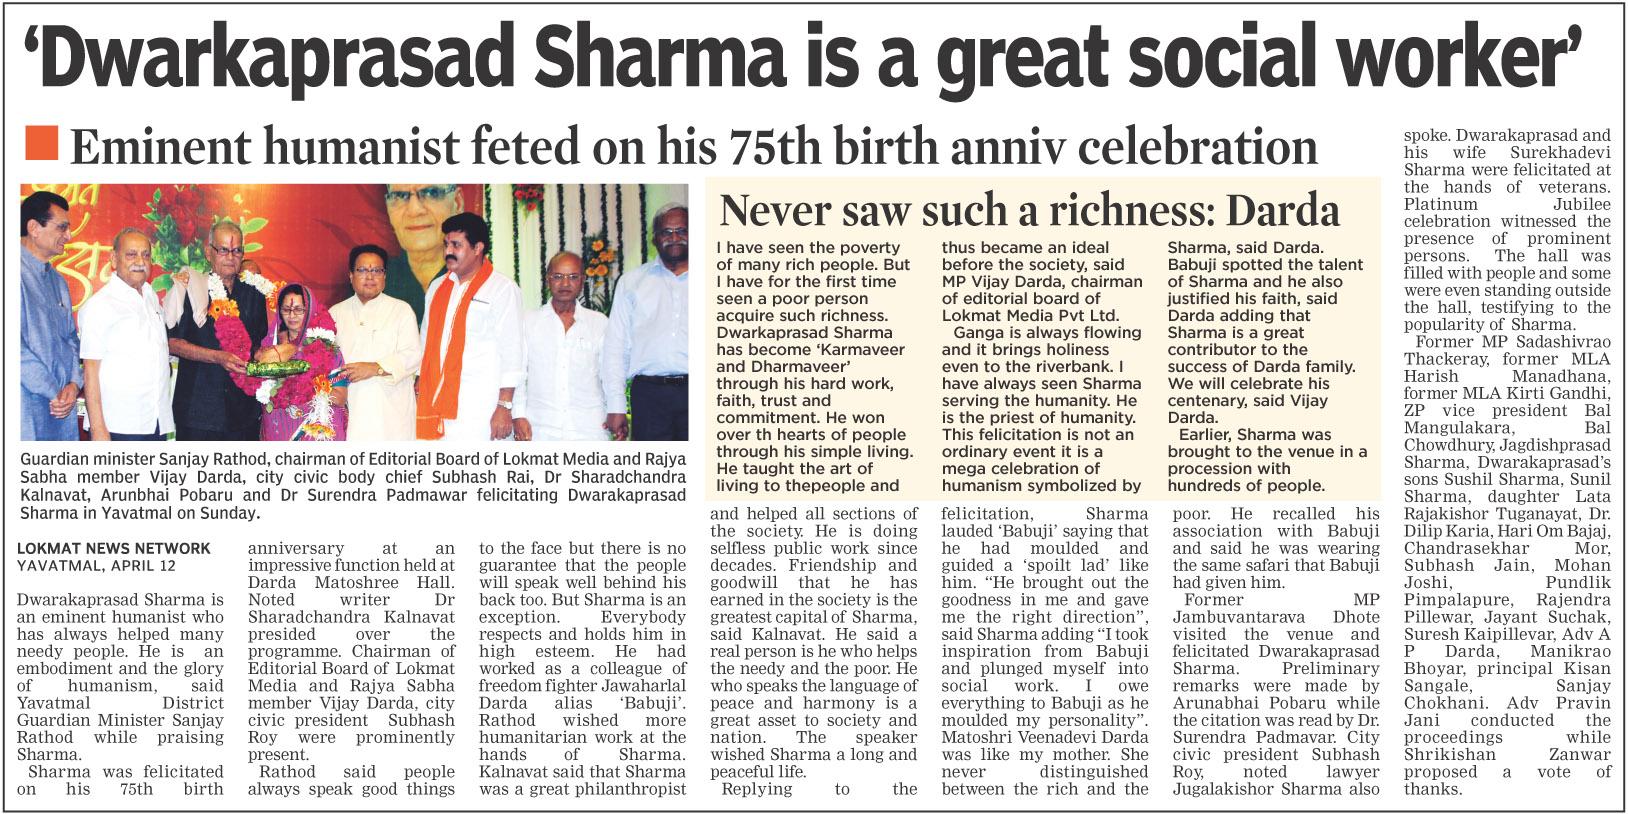 'Dwarkaprasad Sharma is a great social worker'